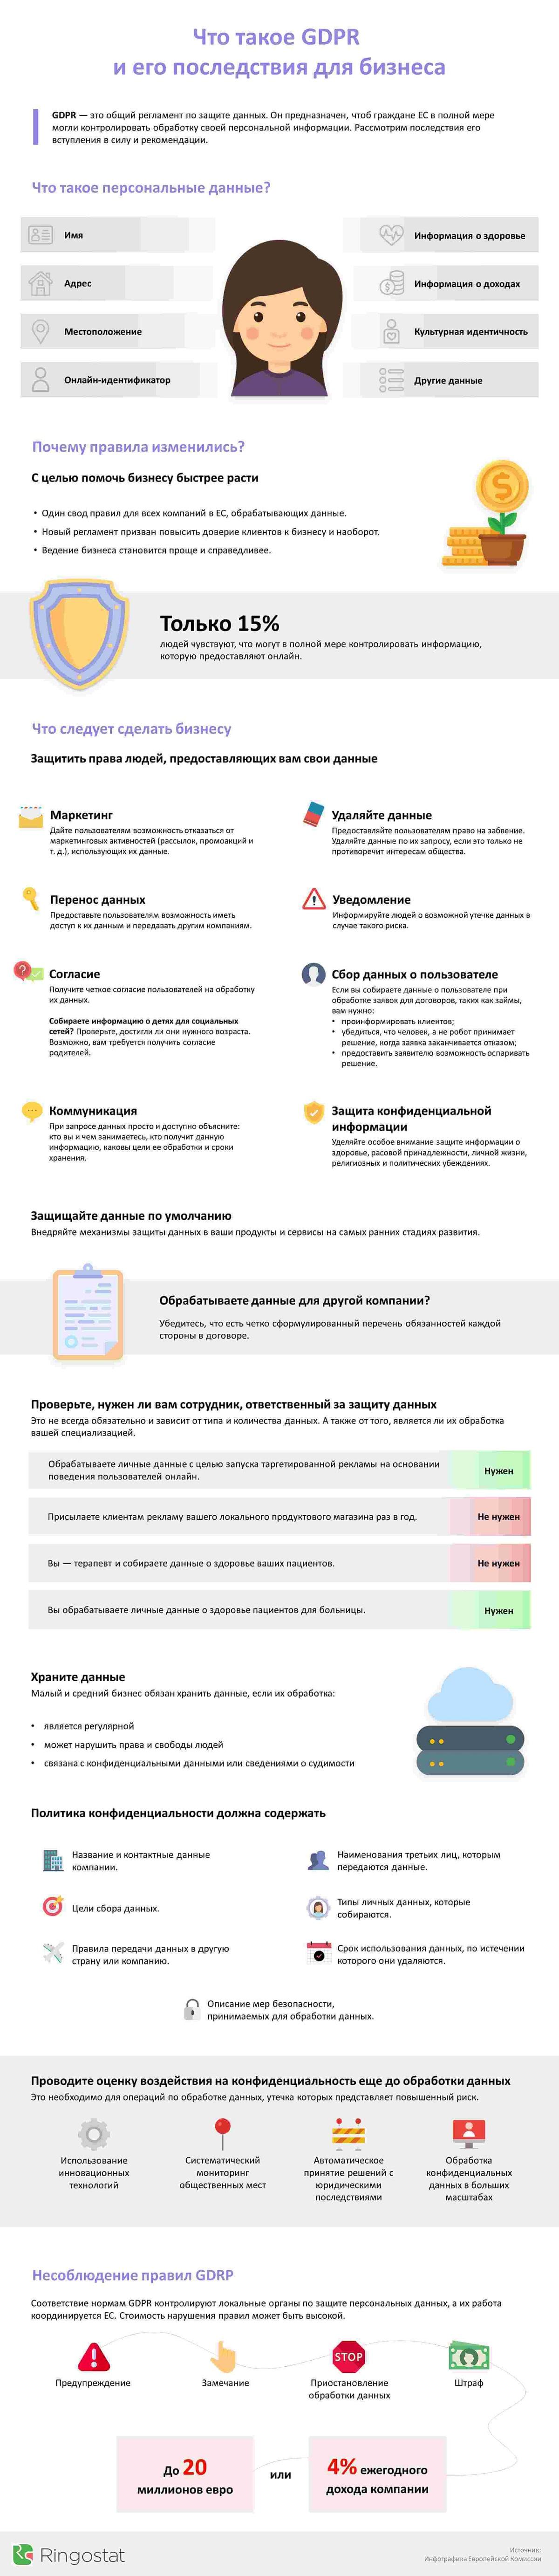 Инфографика Европейской Комиссии